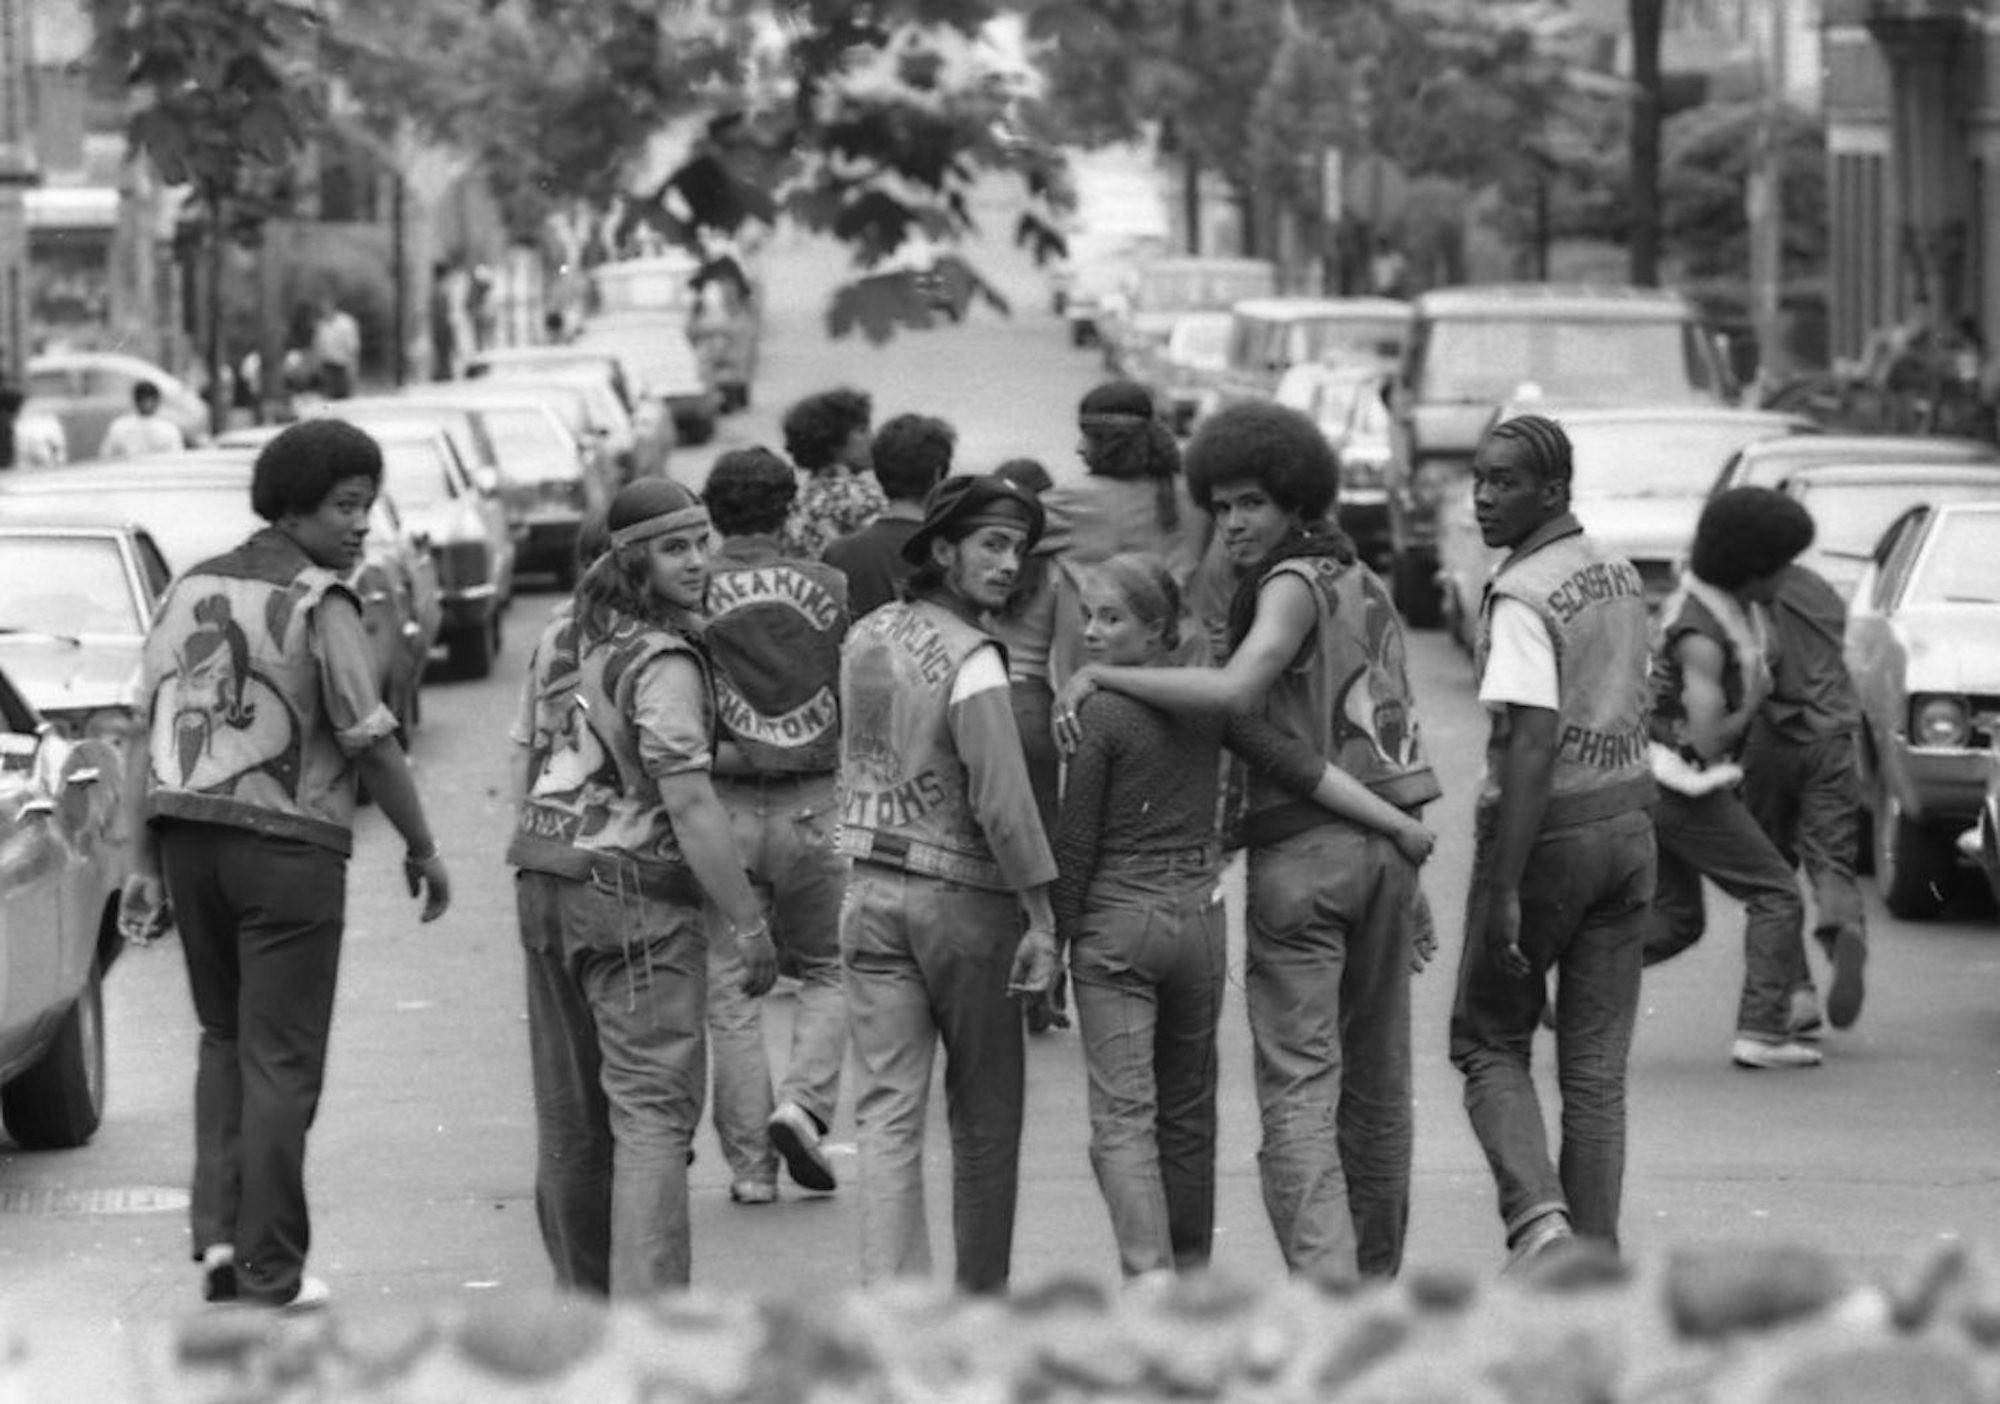 Documentales sobre pandillas callejeras